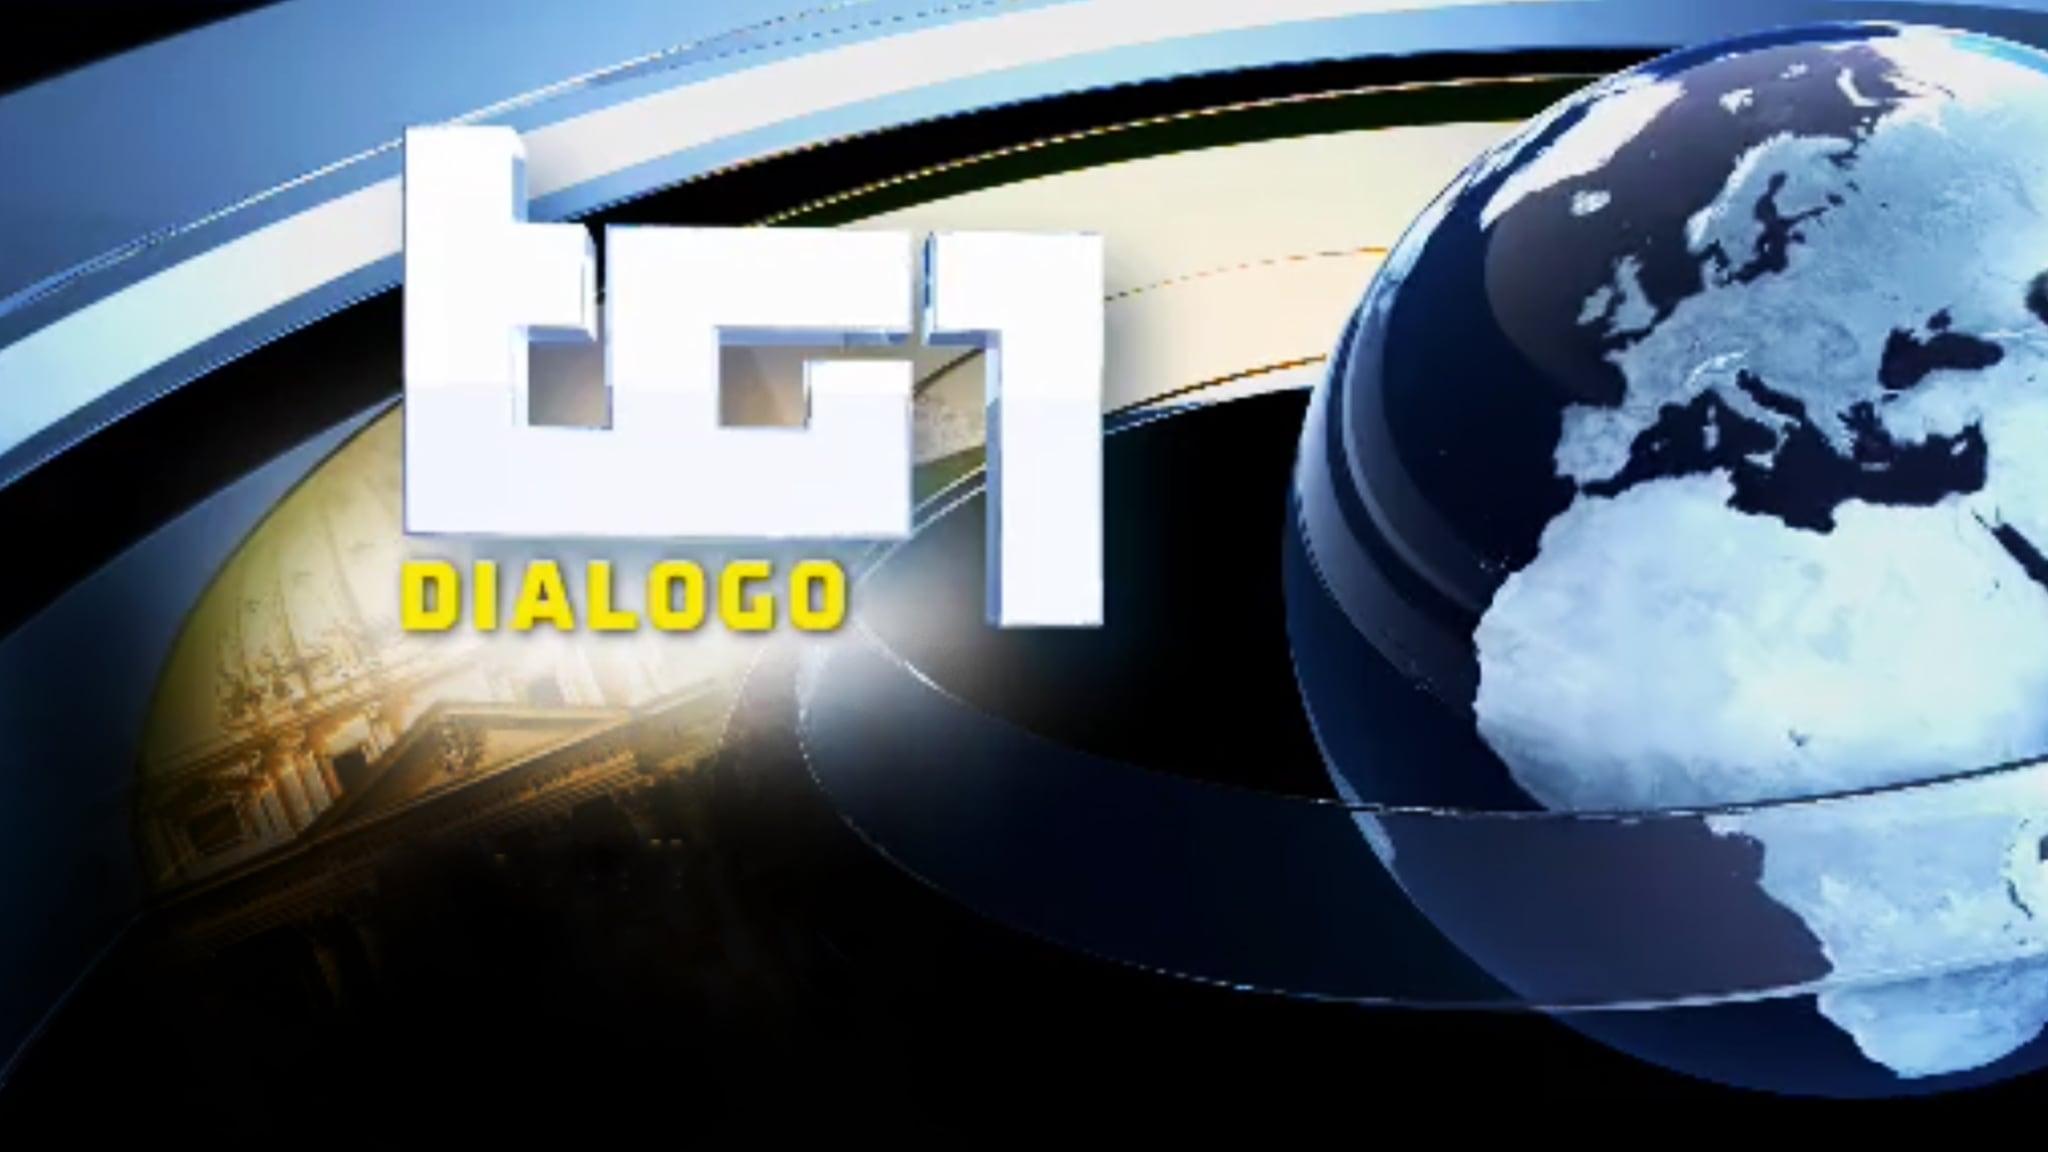 Rai 1 Tg1 Dialogo